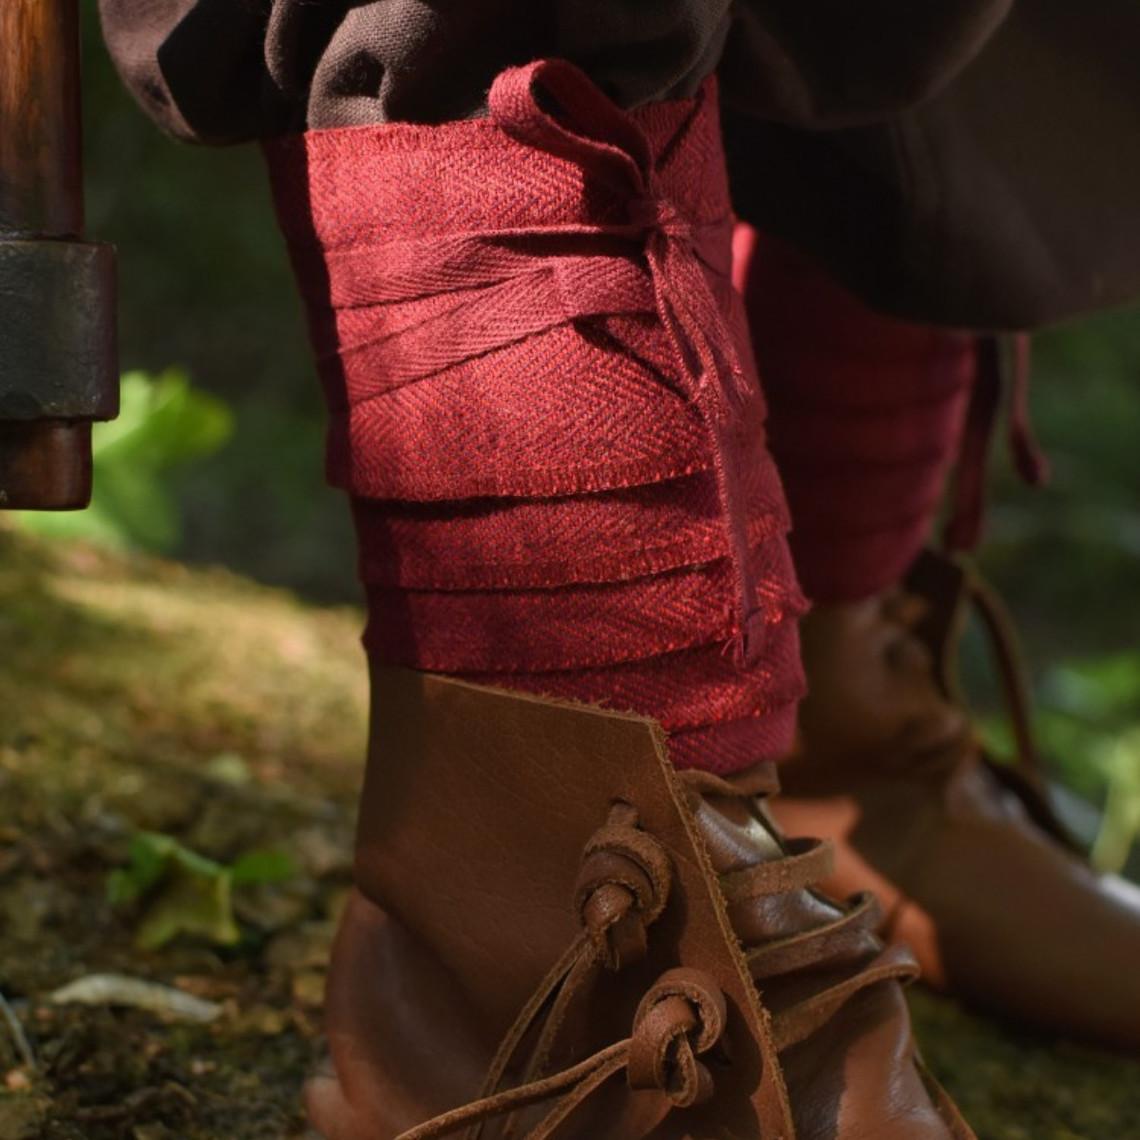 enveloppements de jambe pour les enfants, rouge